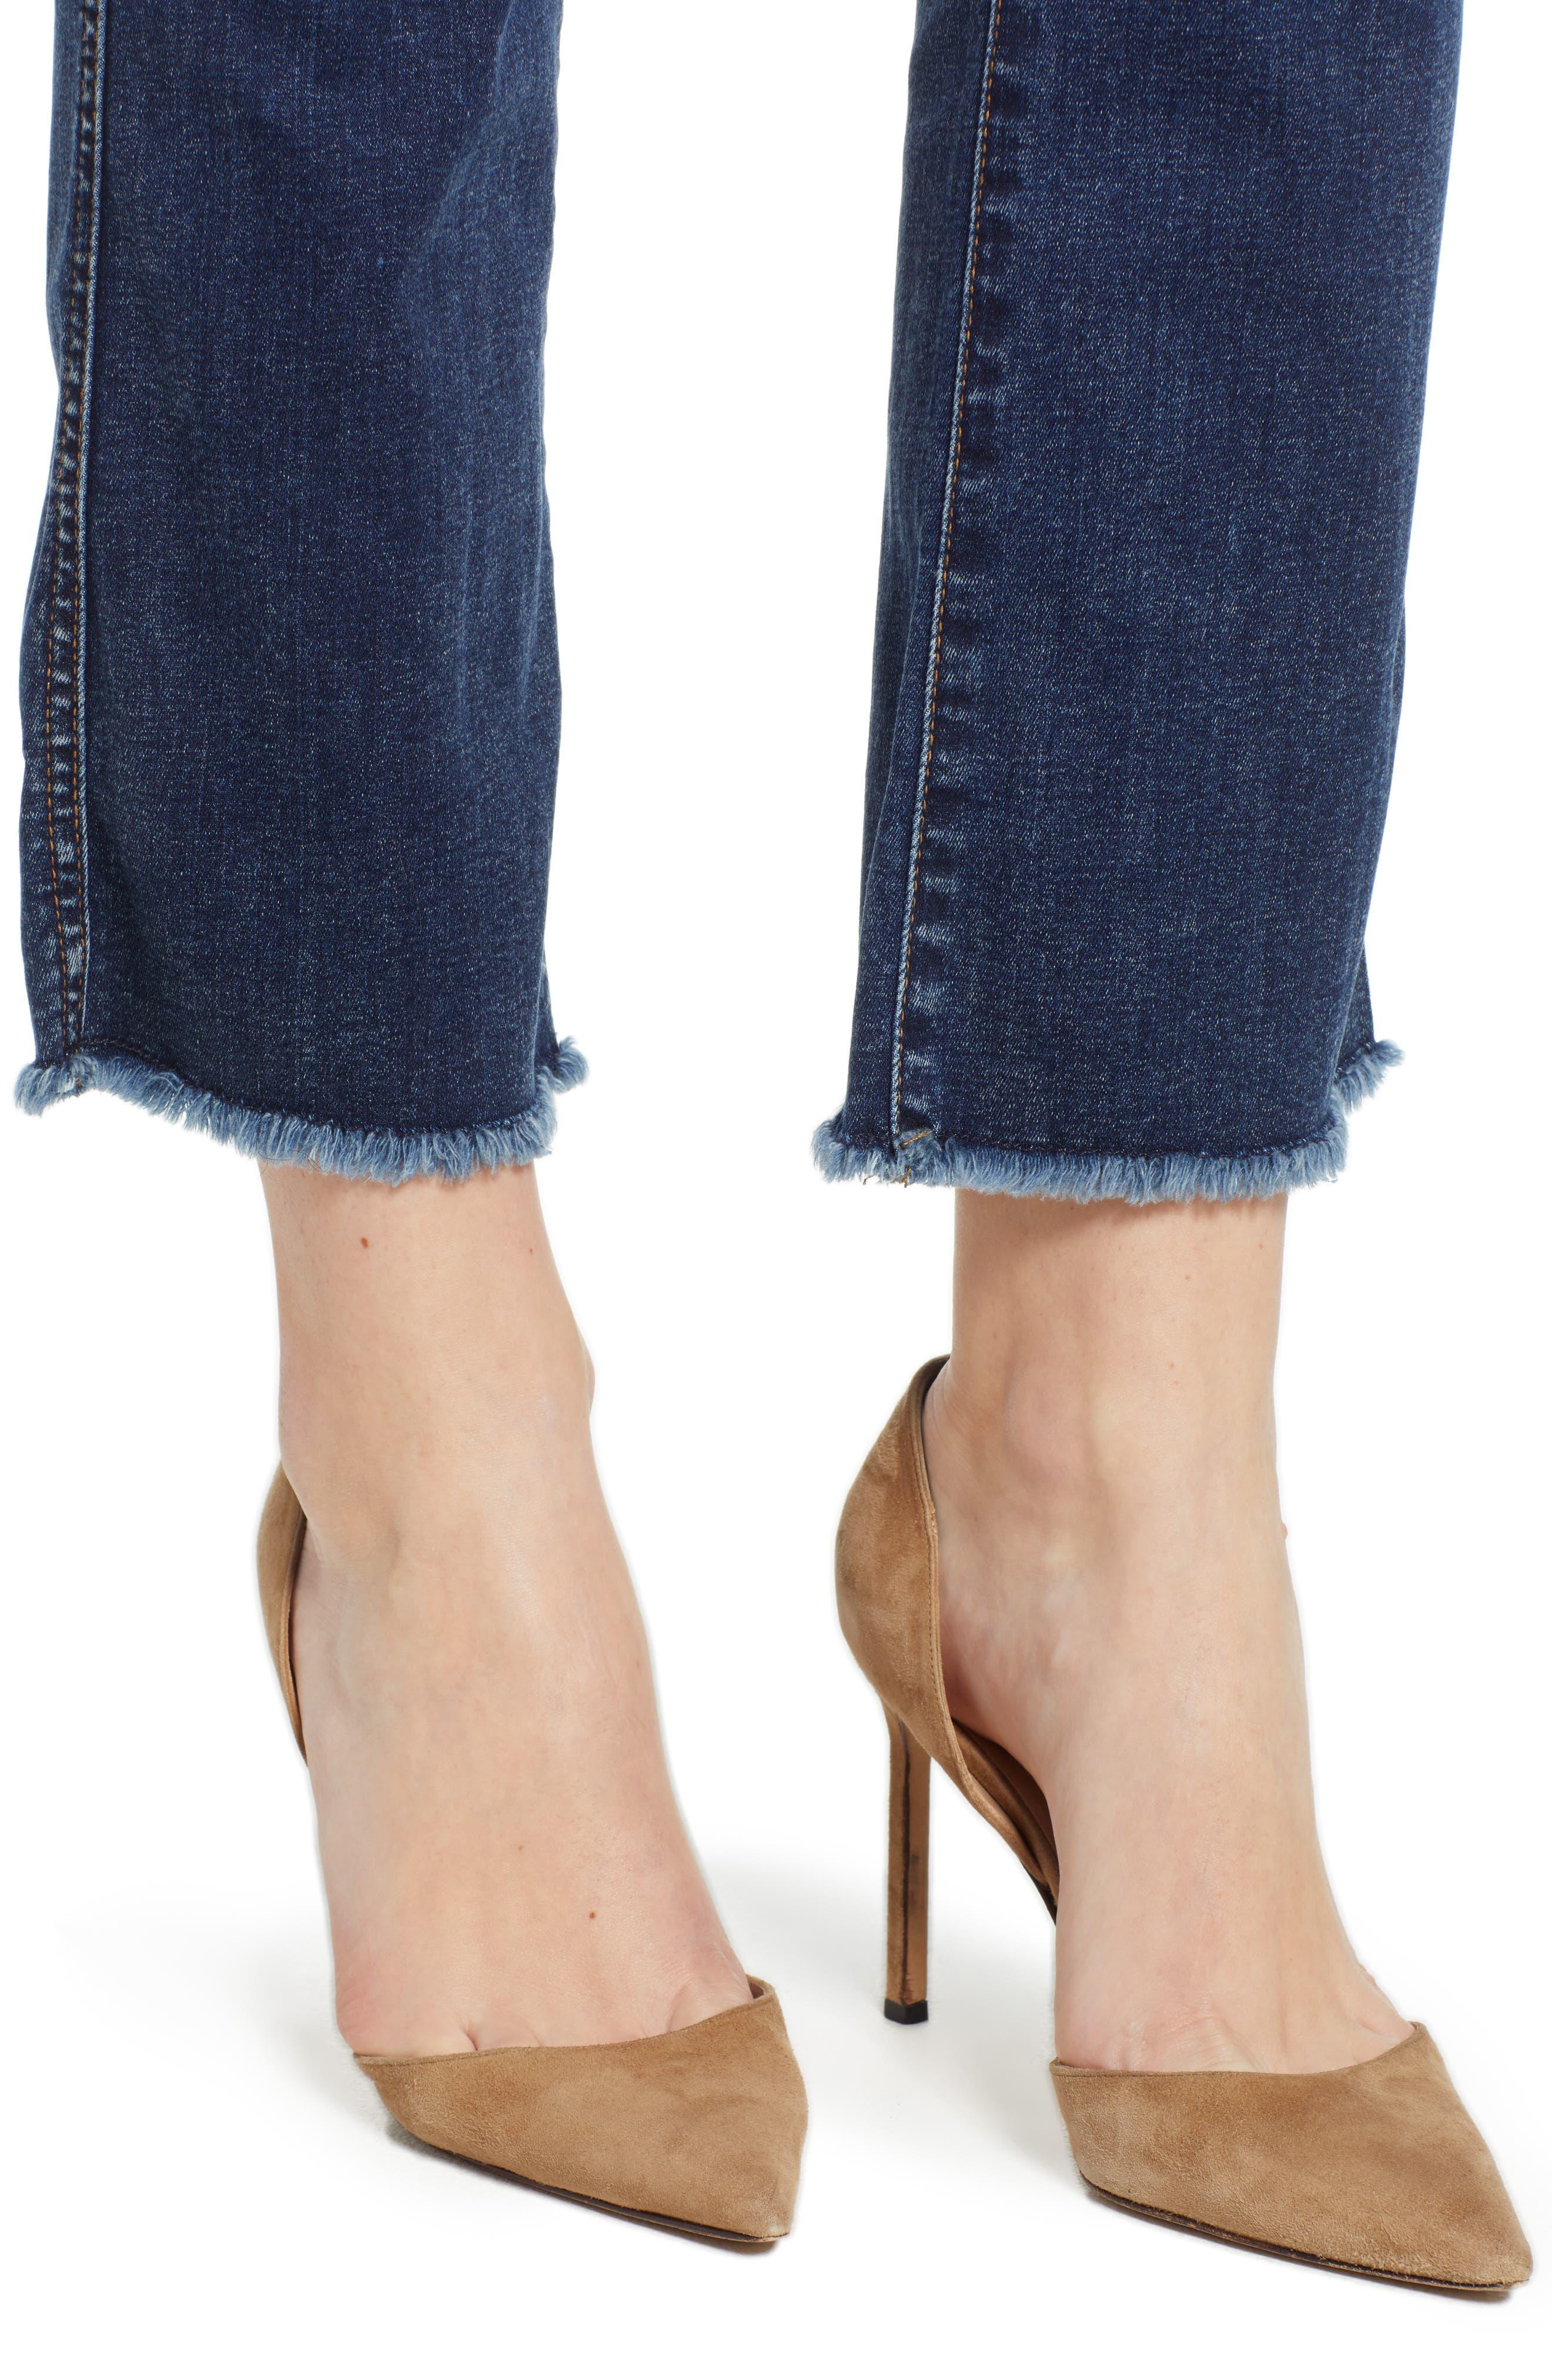 b(air) Crop Bootcut Jeans,                             Alternate thumbnail 4, color,                             B Air Echo